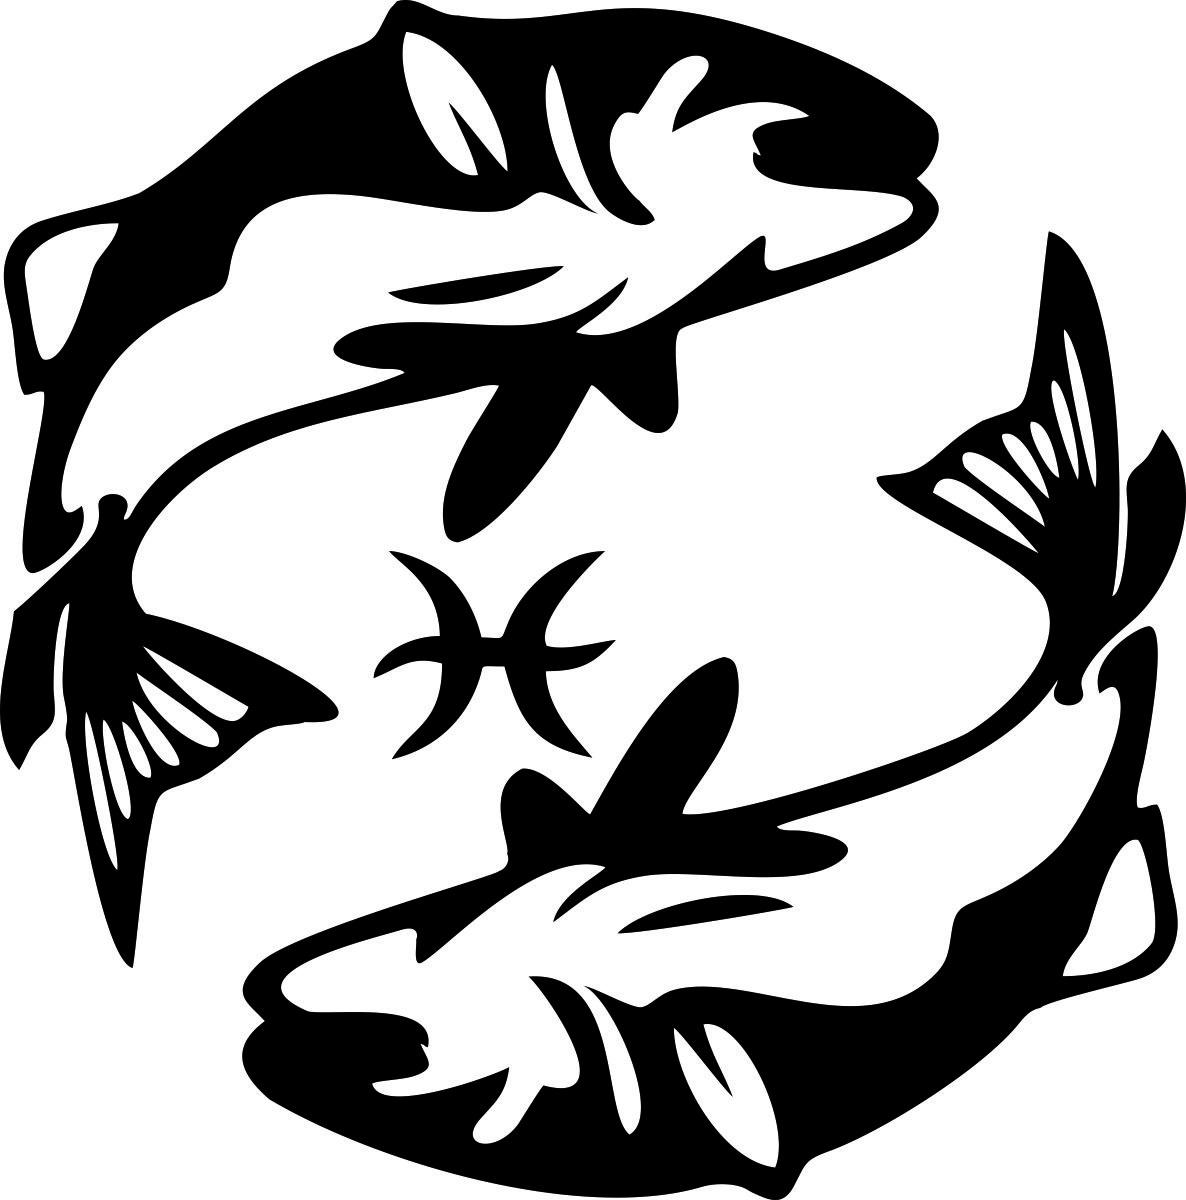 Фото - Наклейка ОранжевыйСлоник виниловая Рыбы для авто или интерьера, Винил авто